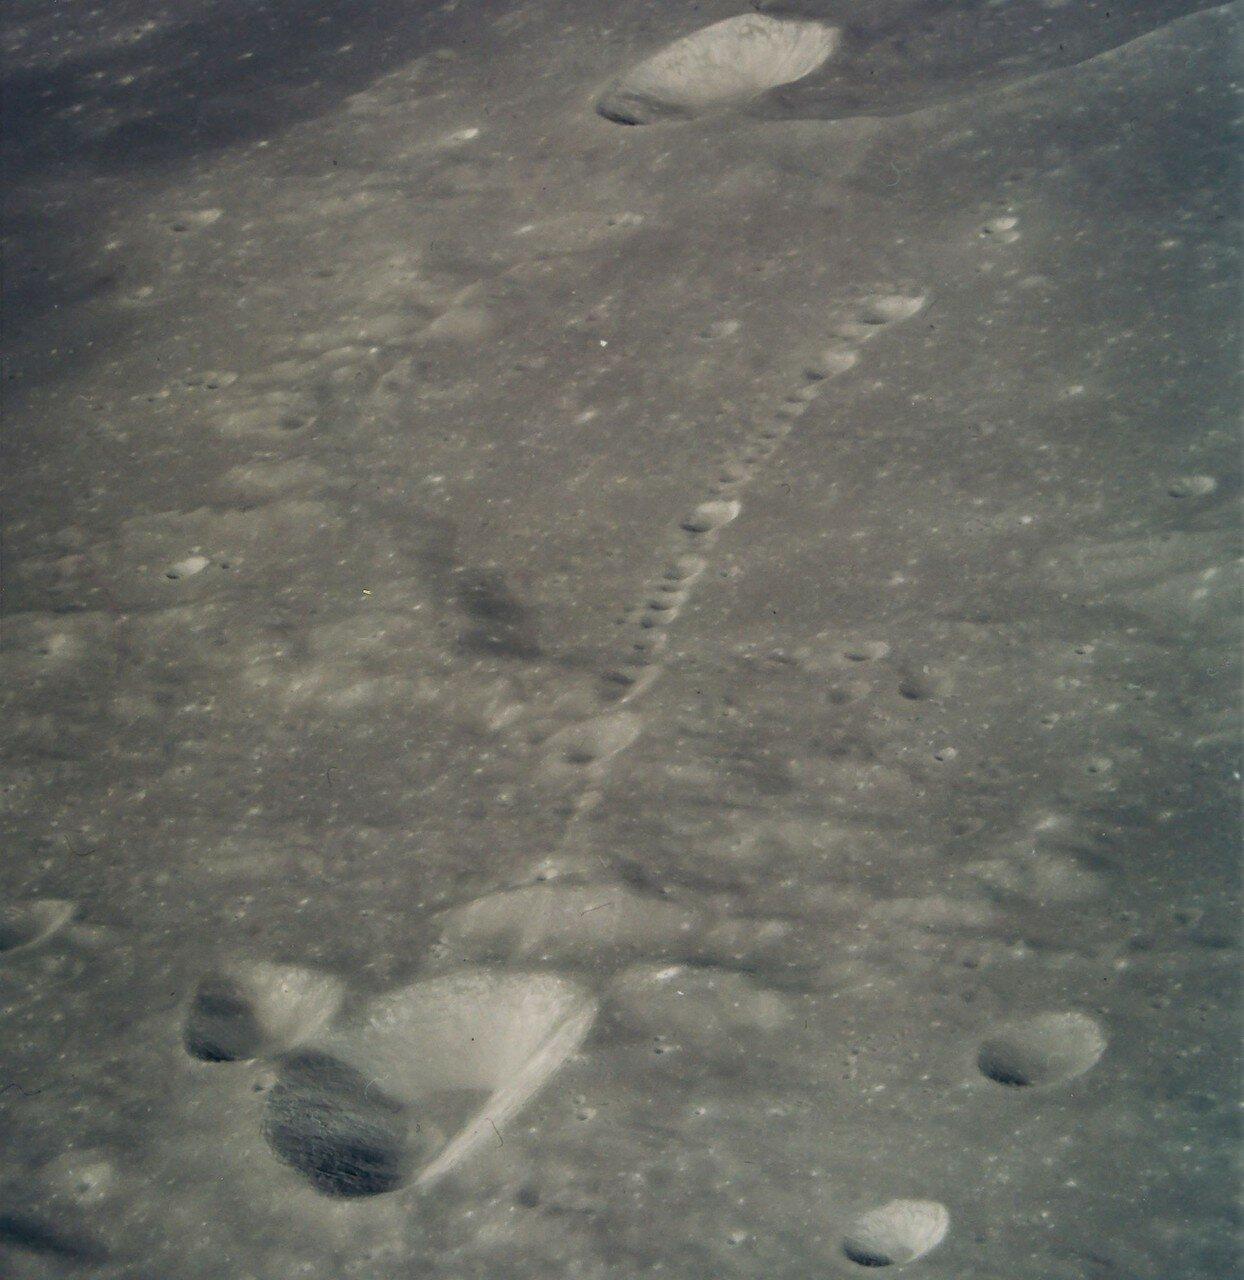 Спуск в автоматическом режиме был рассчитан на 11 минут 32 секунды. На снимке: Цепь кратеров в районе Дэви Дж